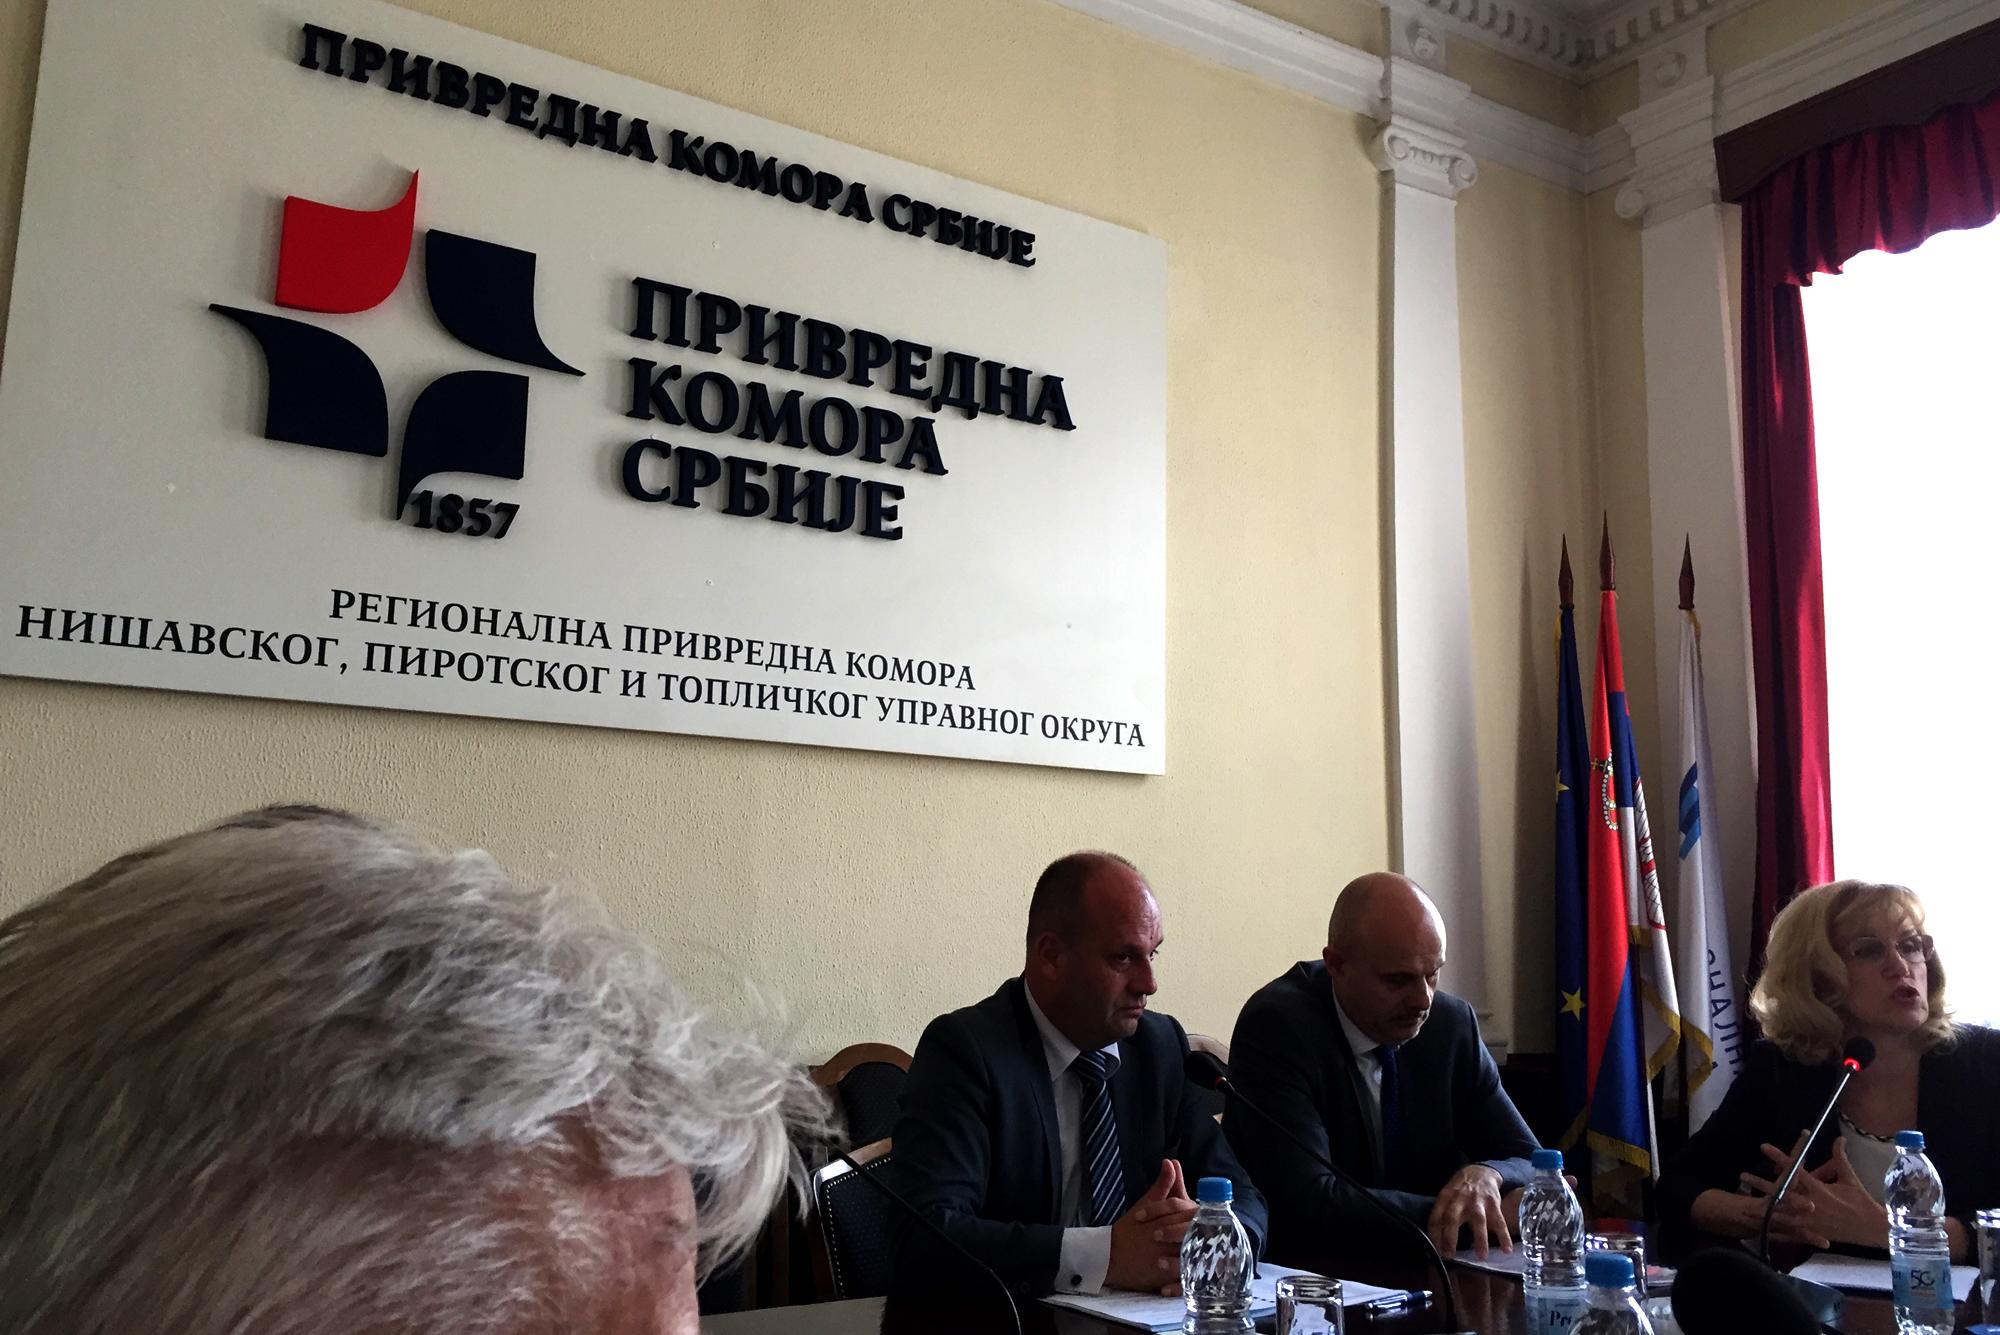 Конститутивна седница Парламента привредника Регионалне привредне коморе Нишавског, Пиротског и Топличког управног округа